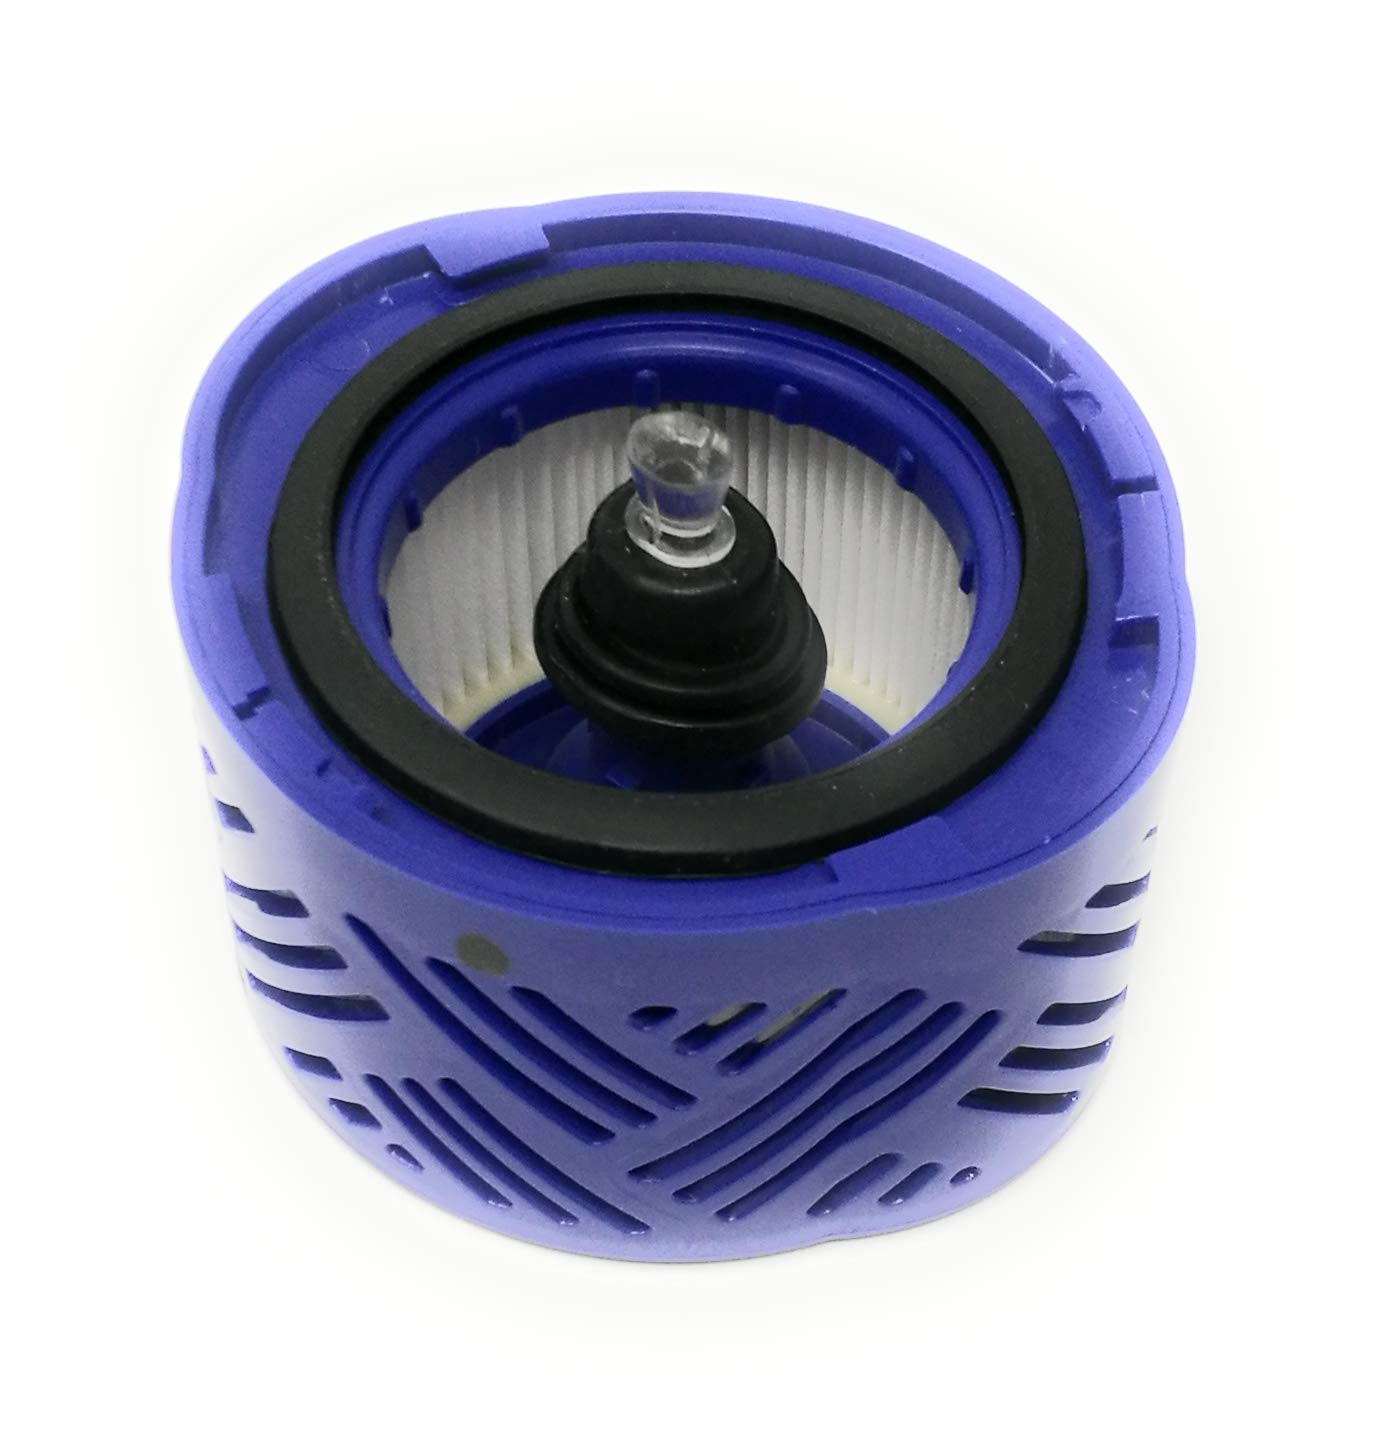 Filtro HEPA para aspiradoras Dyson Aspirador V6 Hepa Filter V6 ...